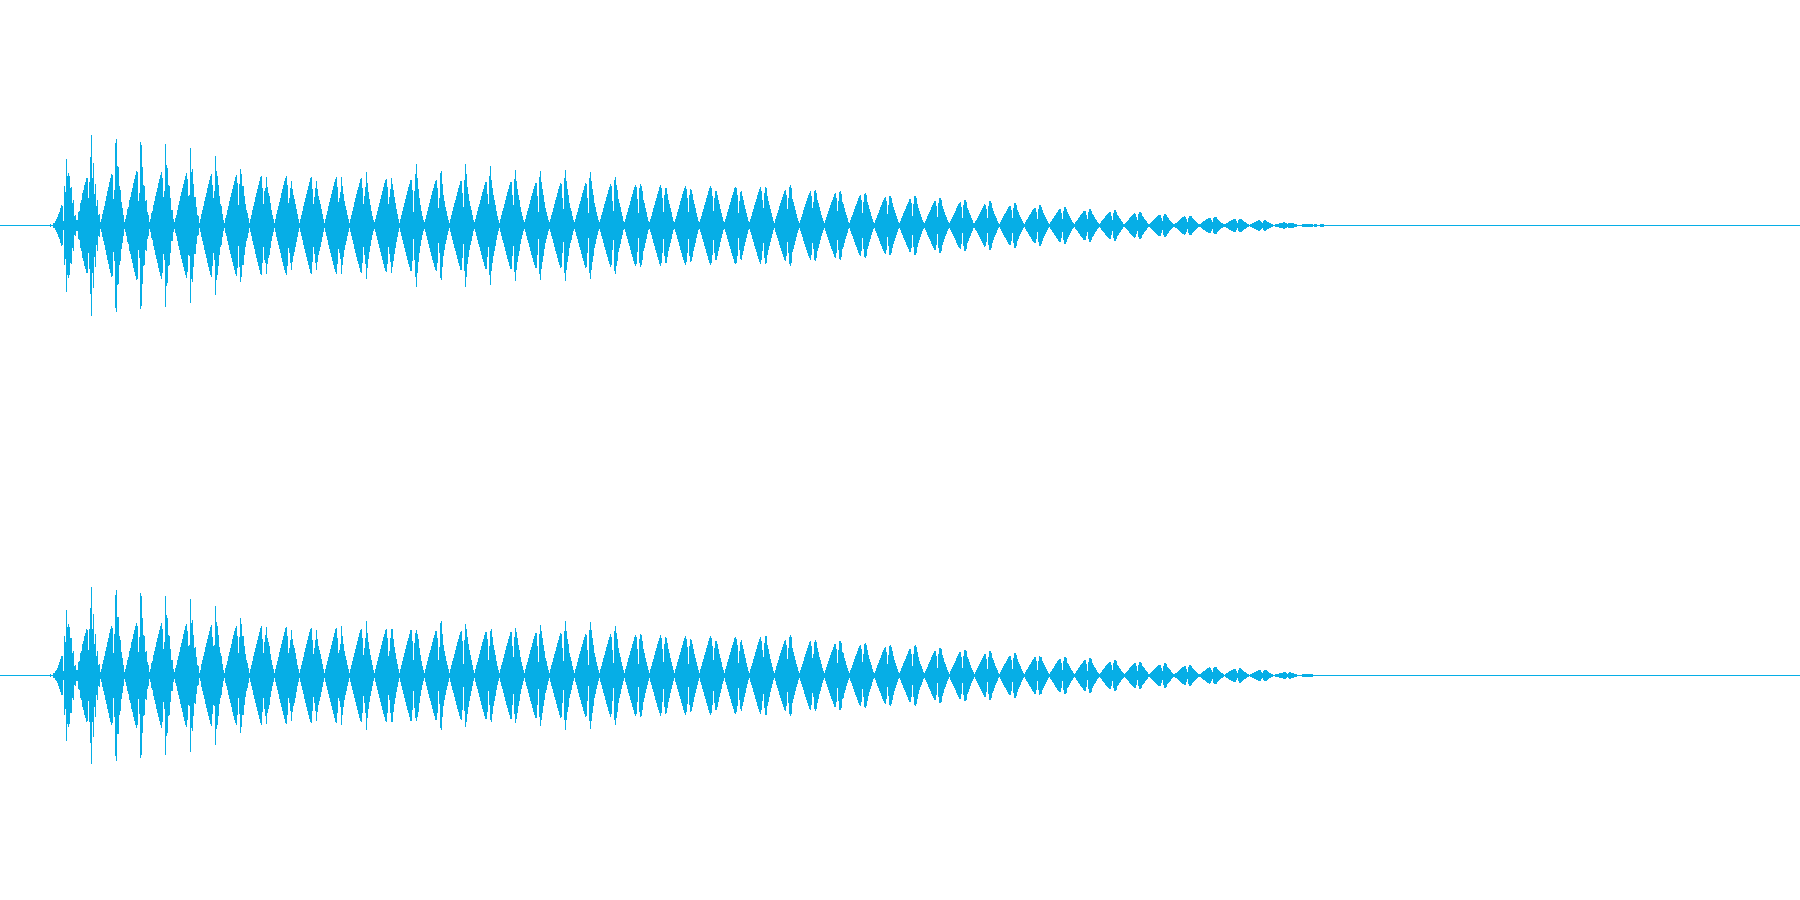 プォン(はっきりしない不思議な音色)の再生済みの波形